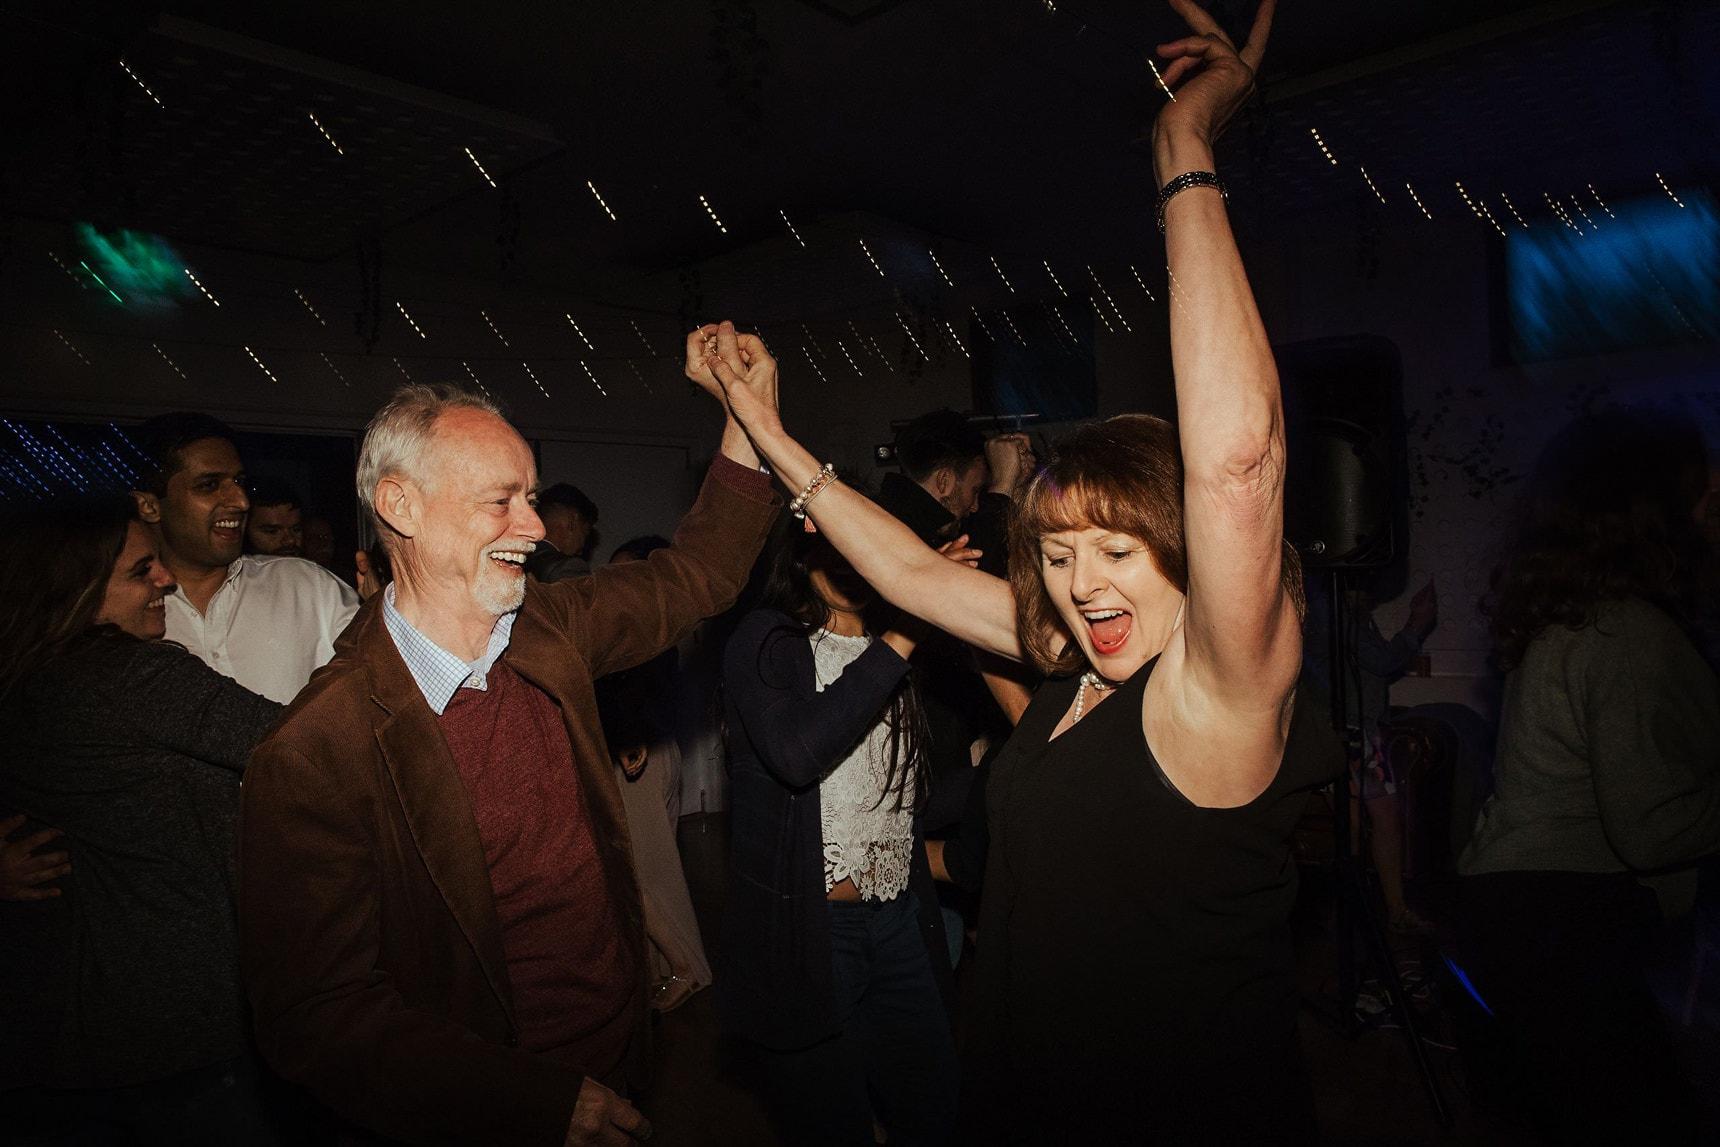 osea island party photos